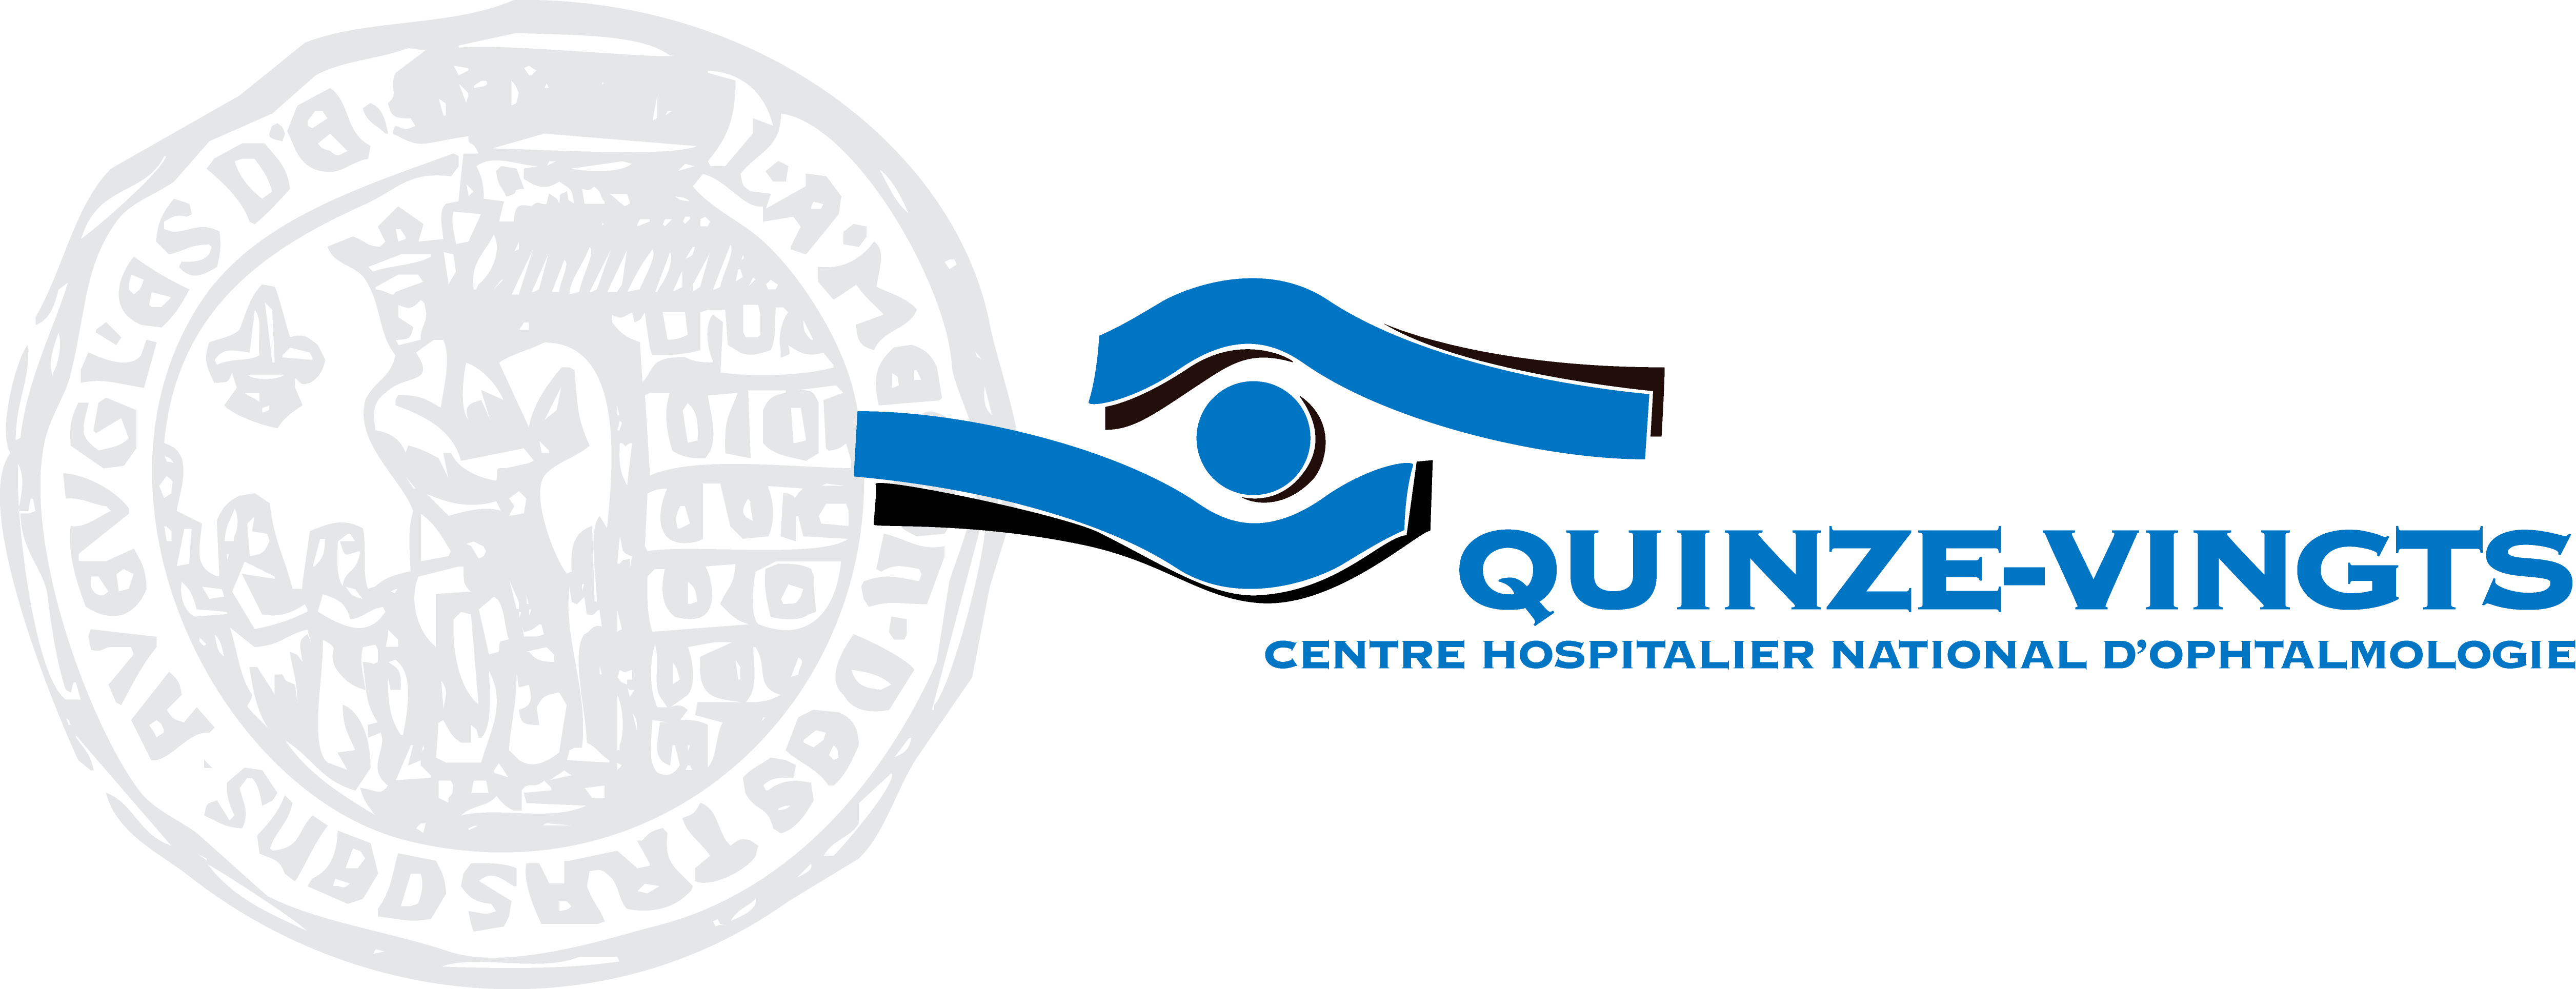 Quinze-Vingts logo